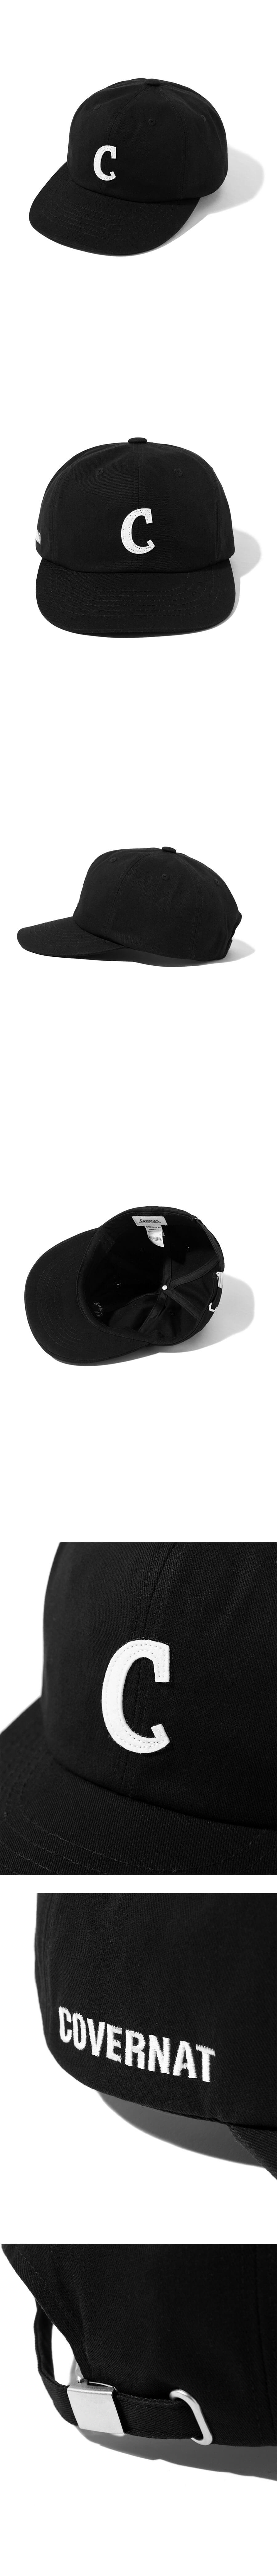 커버낫(COVERNAT) 어센틱 C 로고 B.B캡 블랙